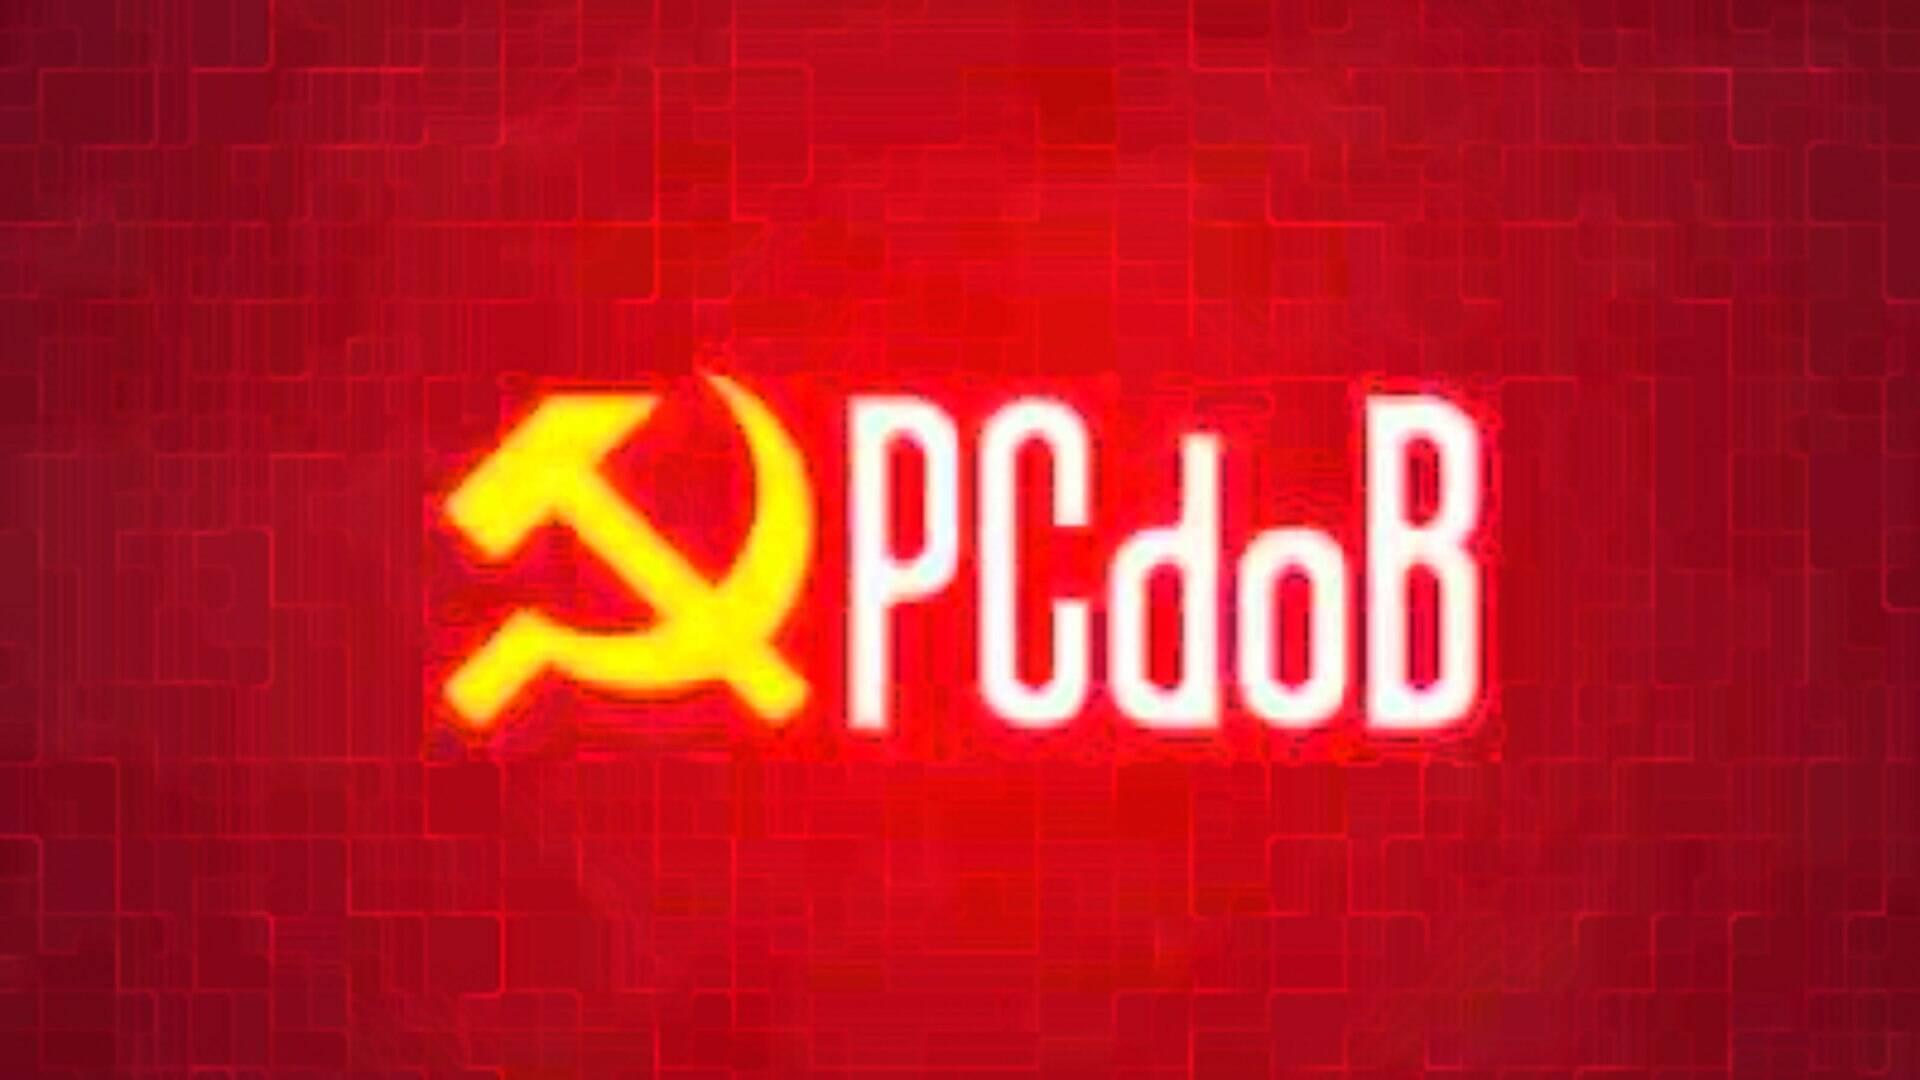 PCdoB vai usar 'nome fantasia' para evitar termo 'comunista' - Política - iG